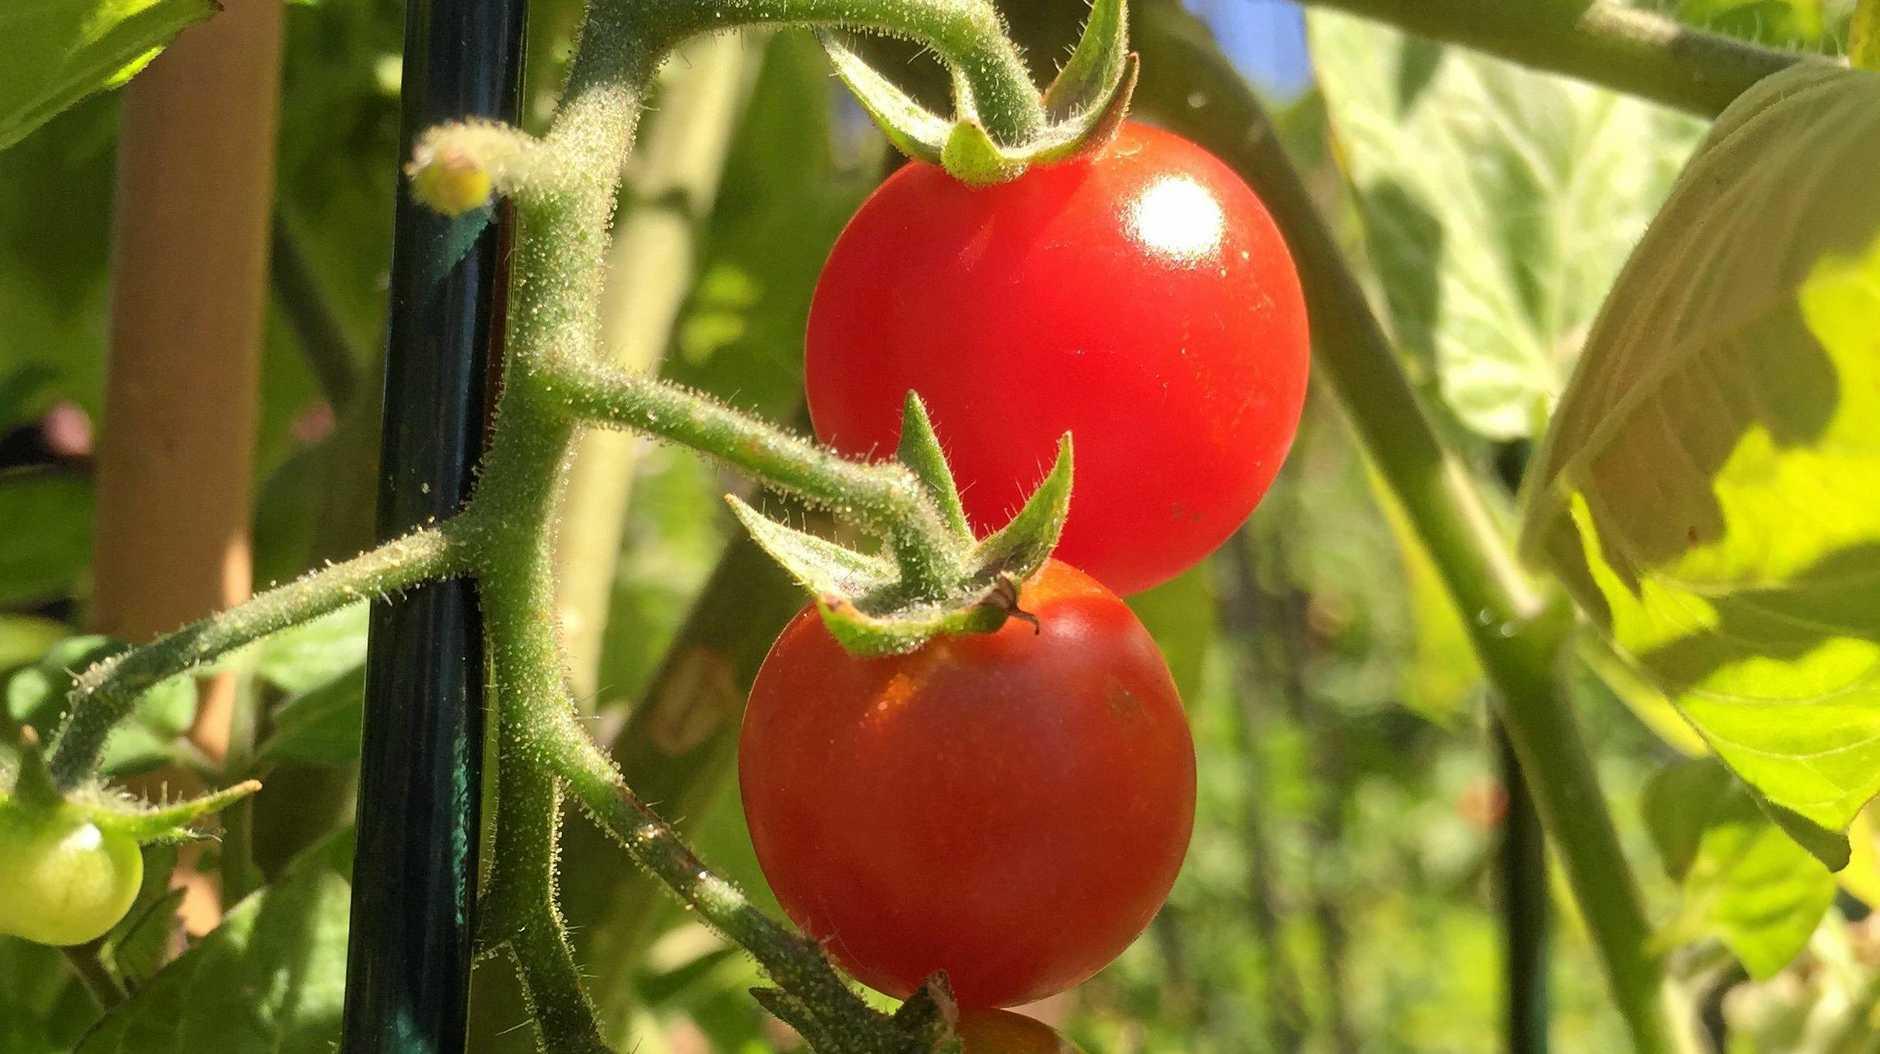 SUMMER GARDENS: Cherry tomatoes